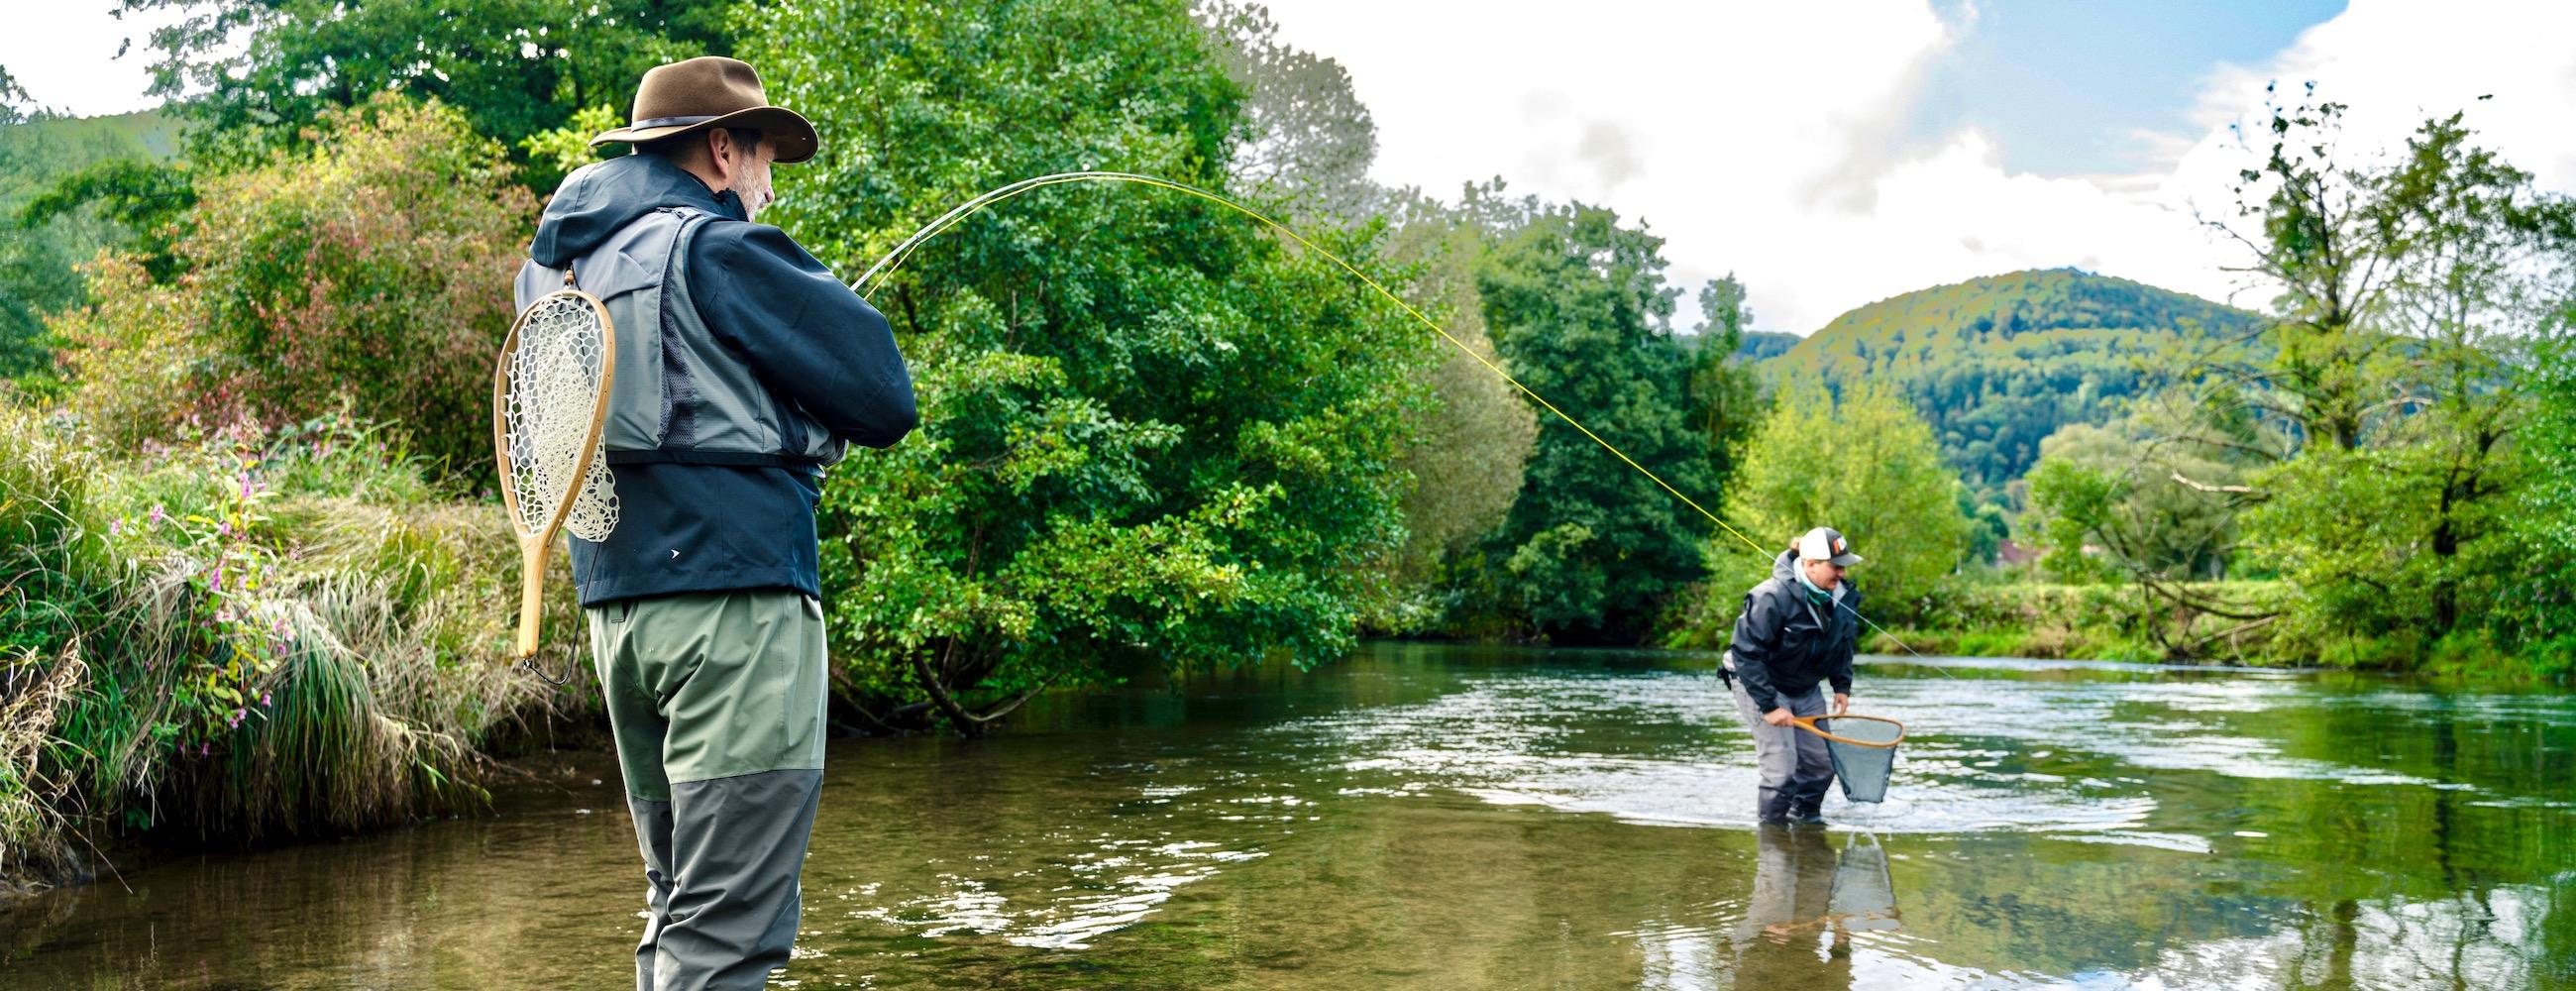 Fliegenfischen in Deutschland, Fliegenfischen Guiding